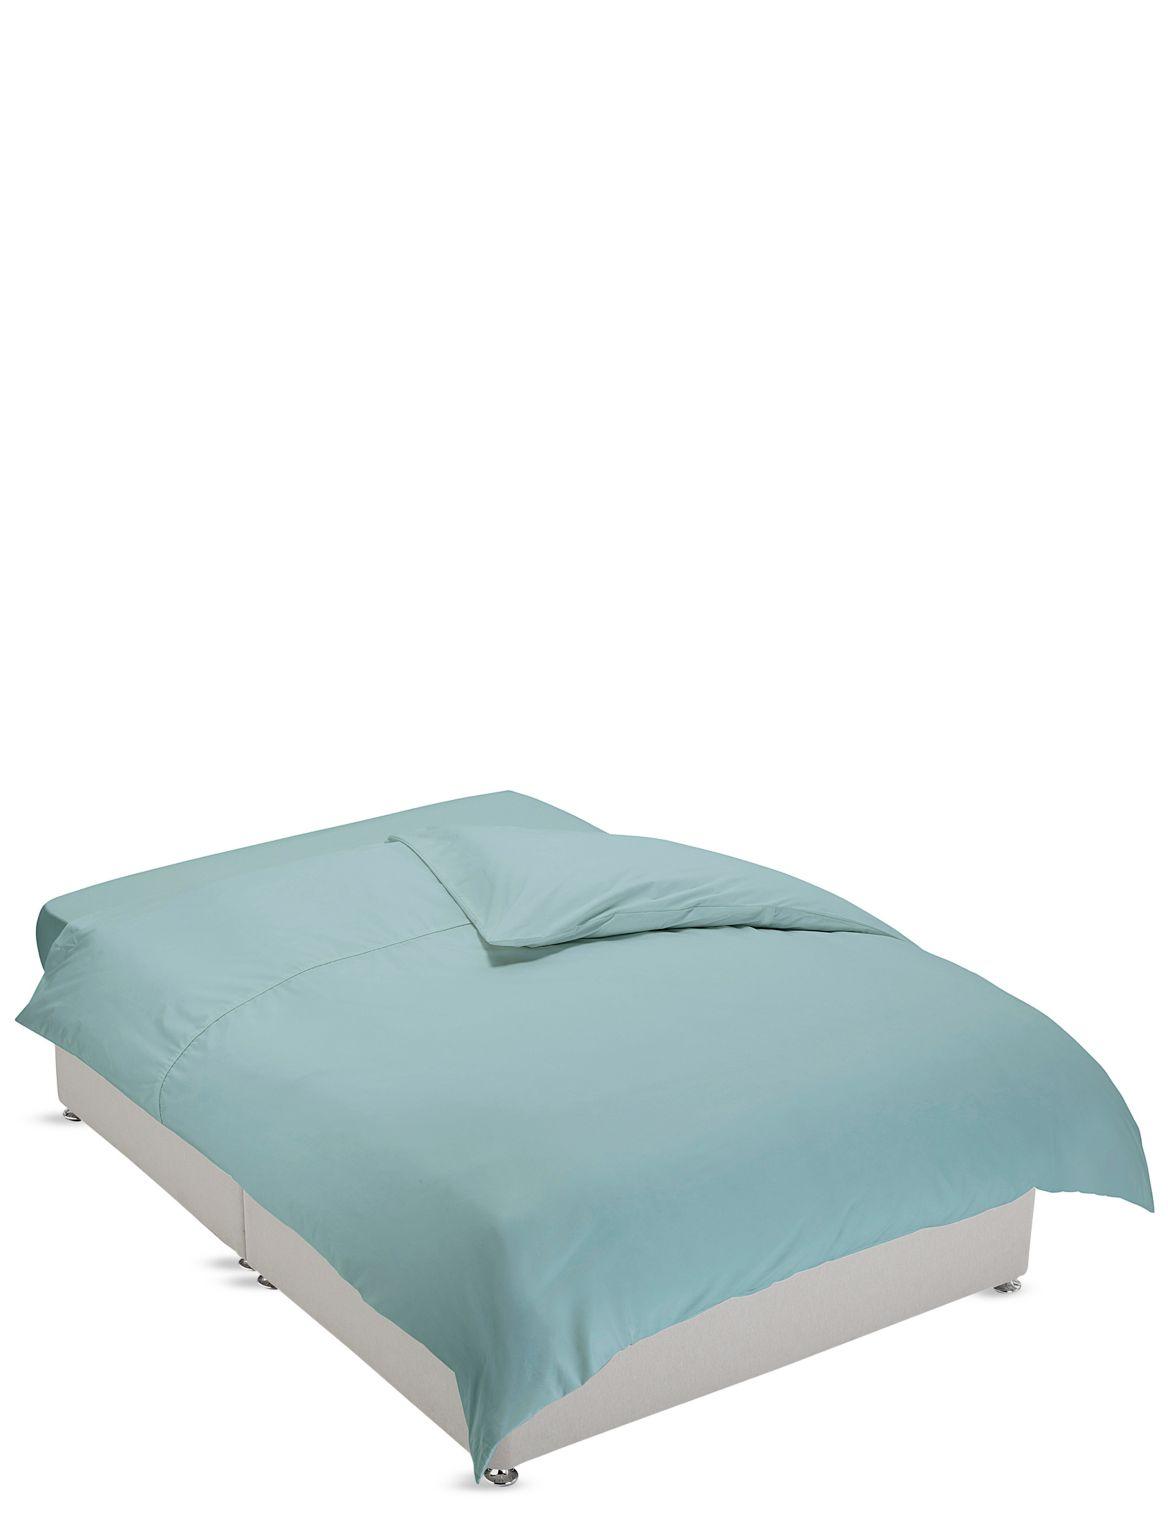 marks and spencer vente en ligne avec tritoo. Black Bedroom Furniture Sets. Home Design Ideas